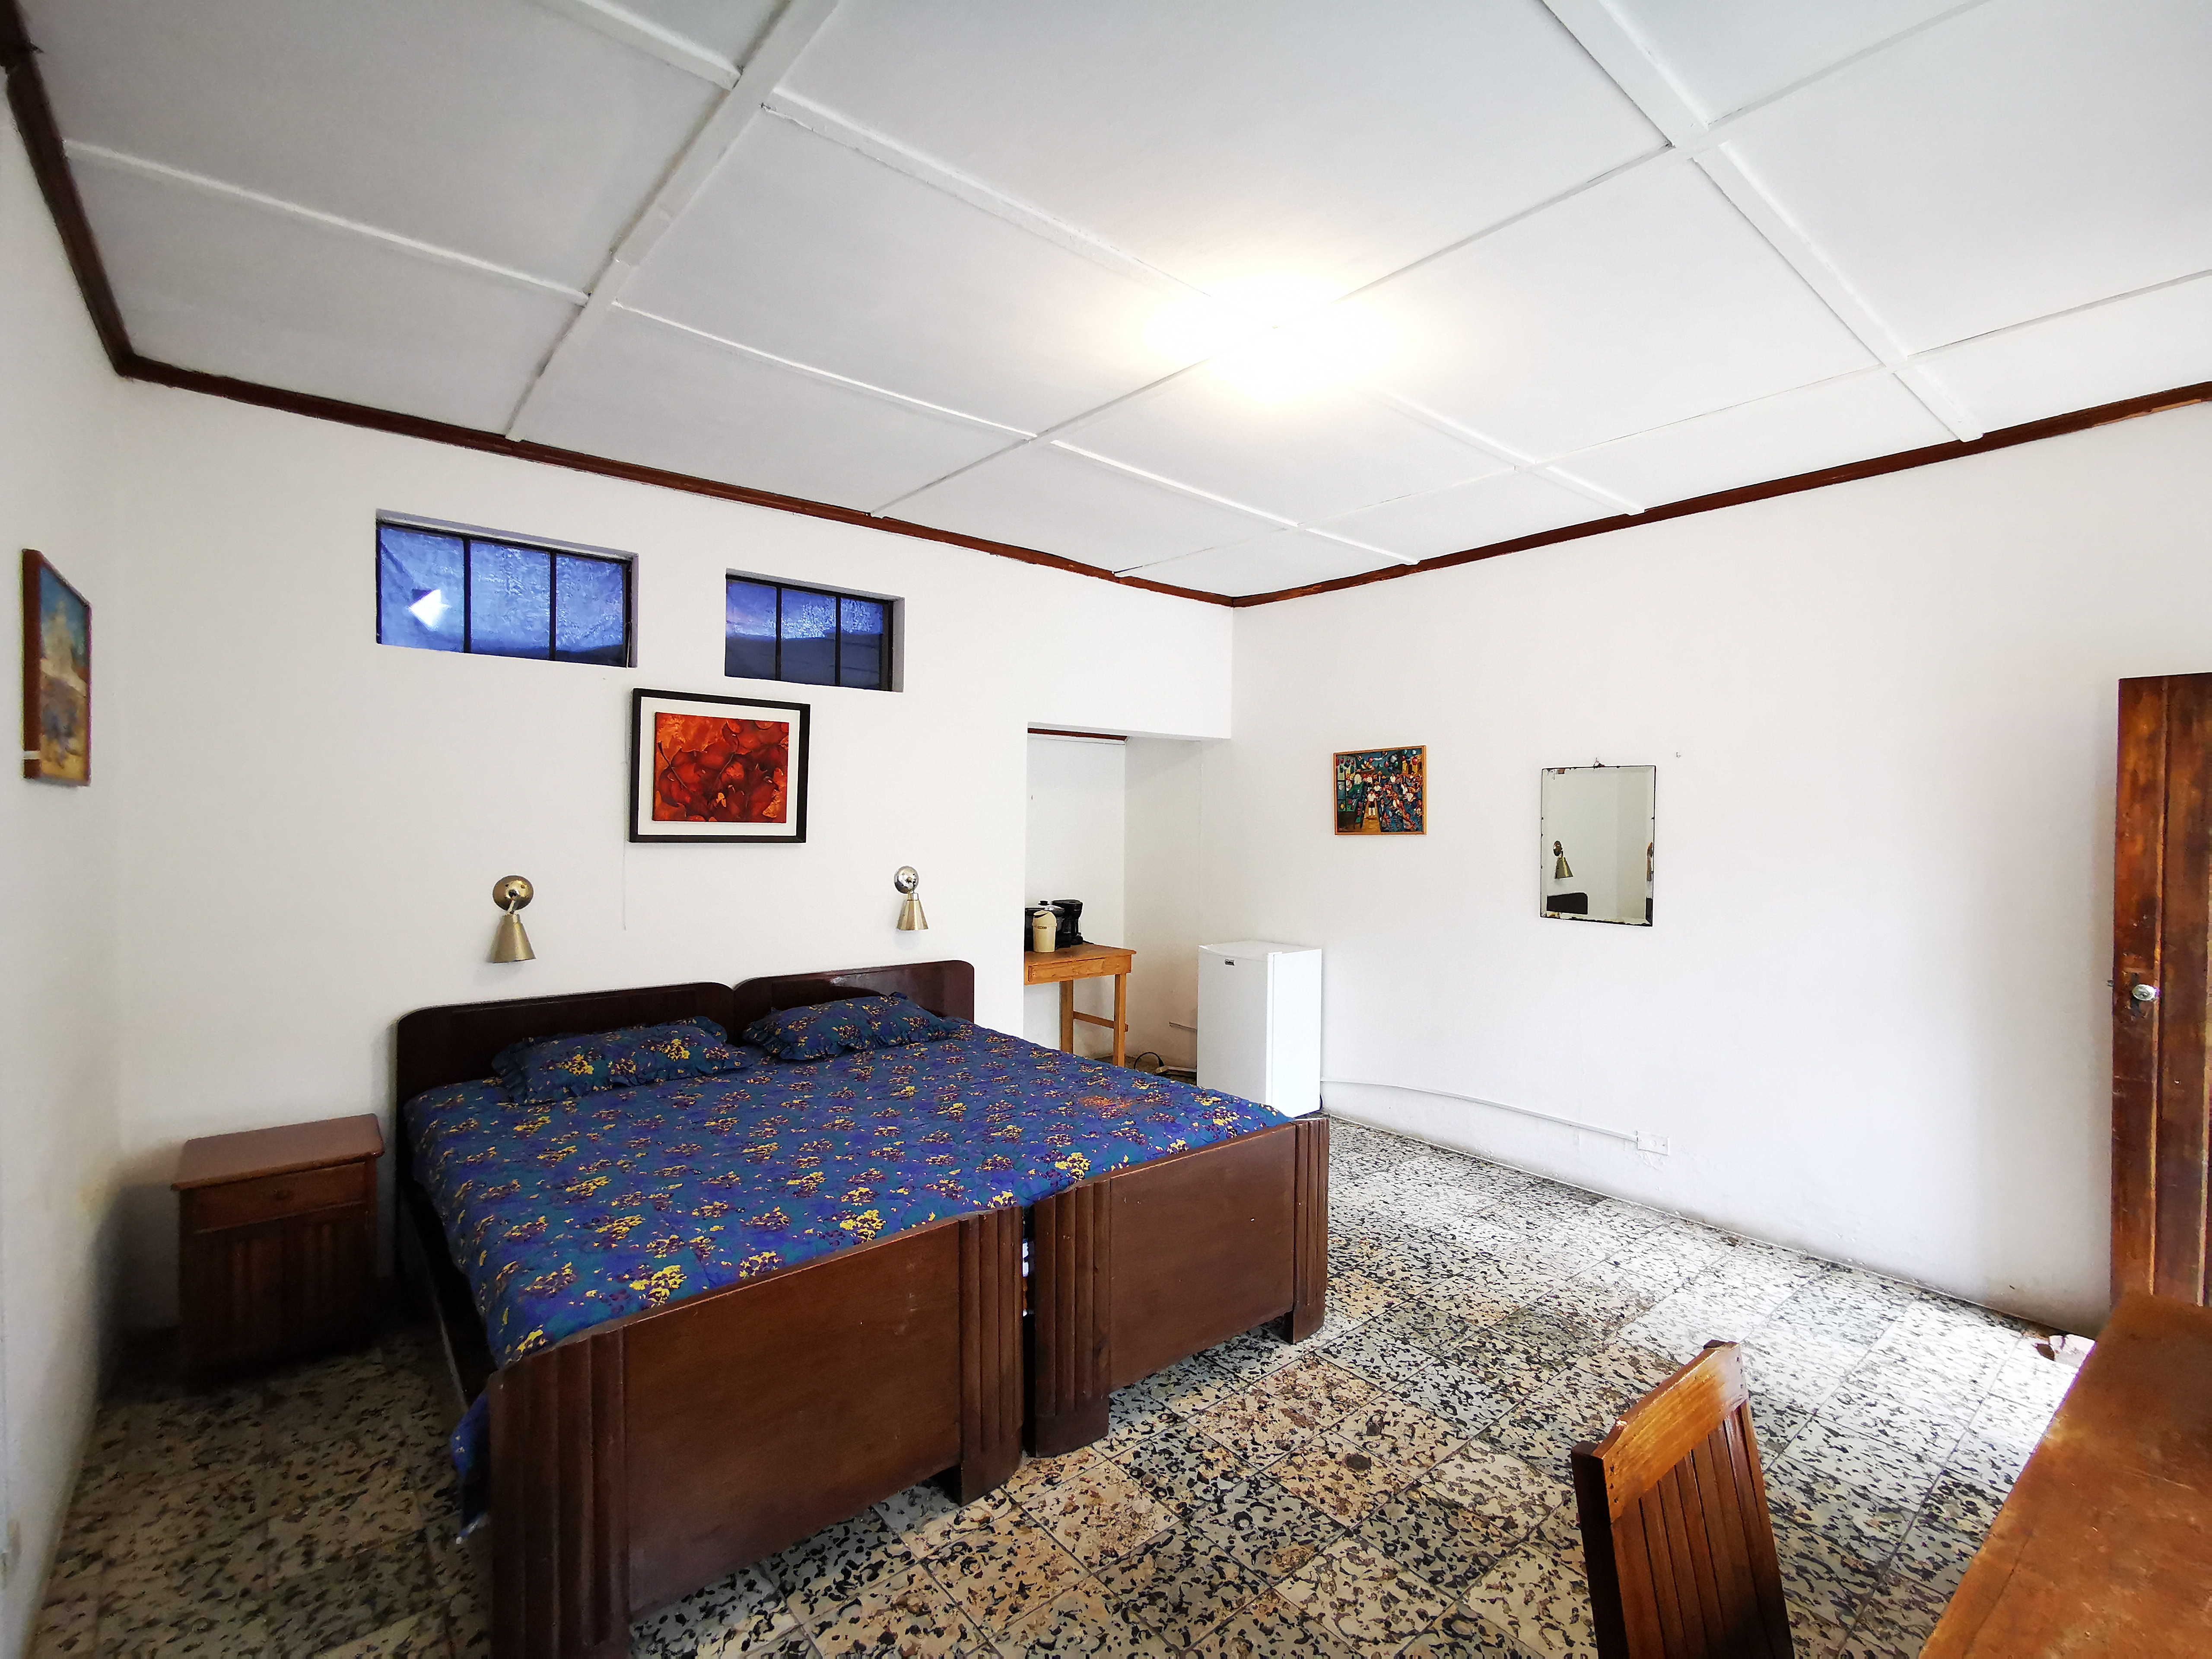 Centrico apartamento en renta a solo 2 cuadras de el parque central.